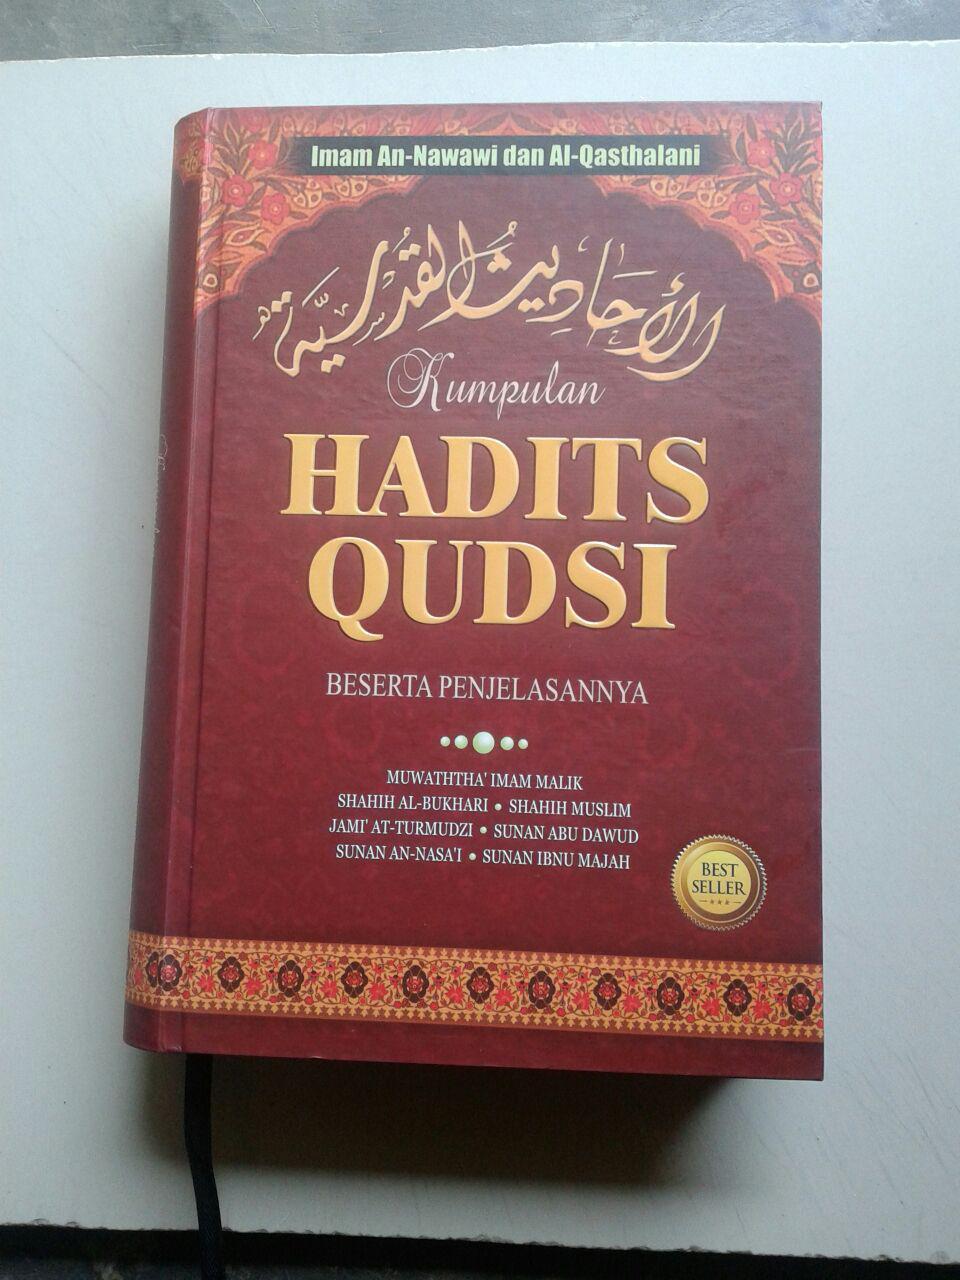 Buku Kumpulan Hadits Qudsi Berserta Penjelasannya